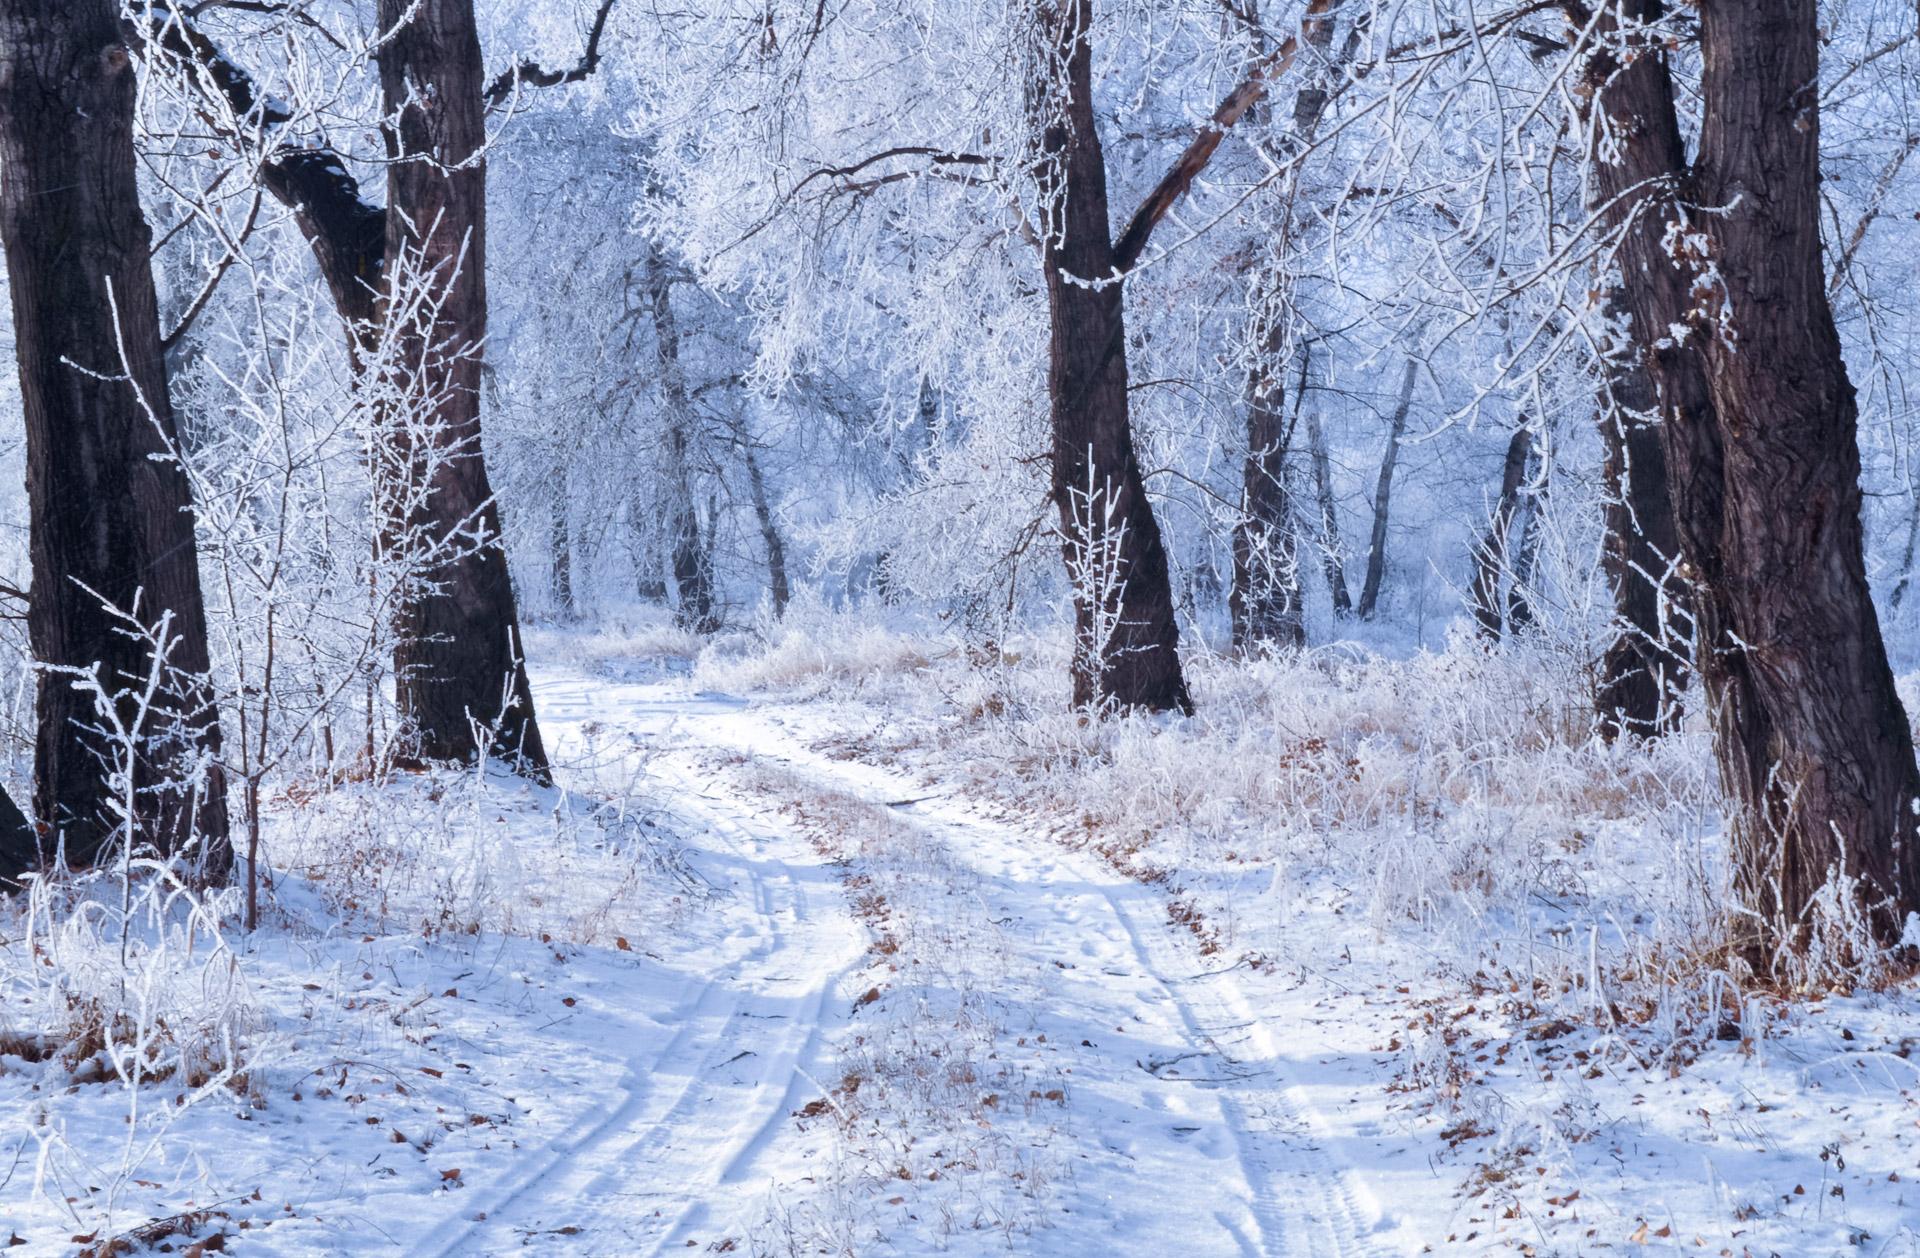 Winter Landscape Free Stock Photo - Public Domain Pictures